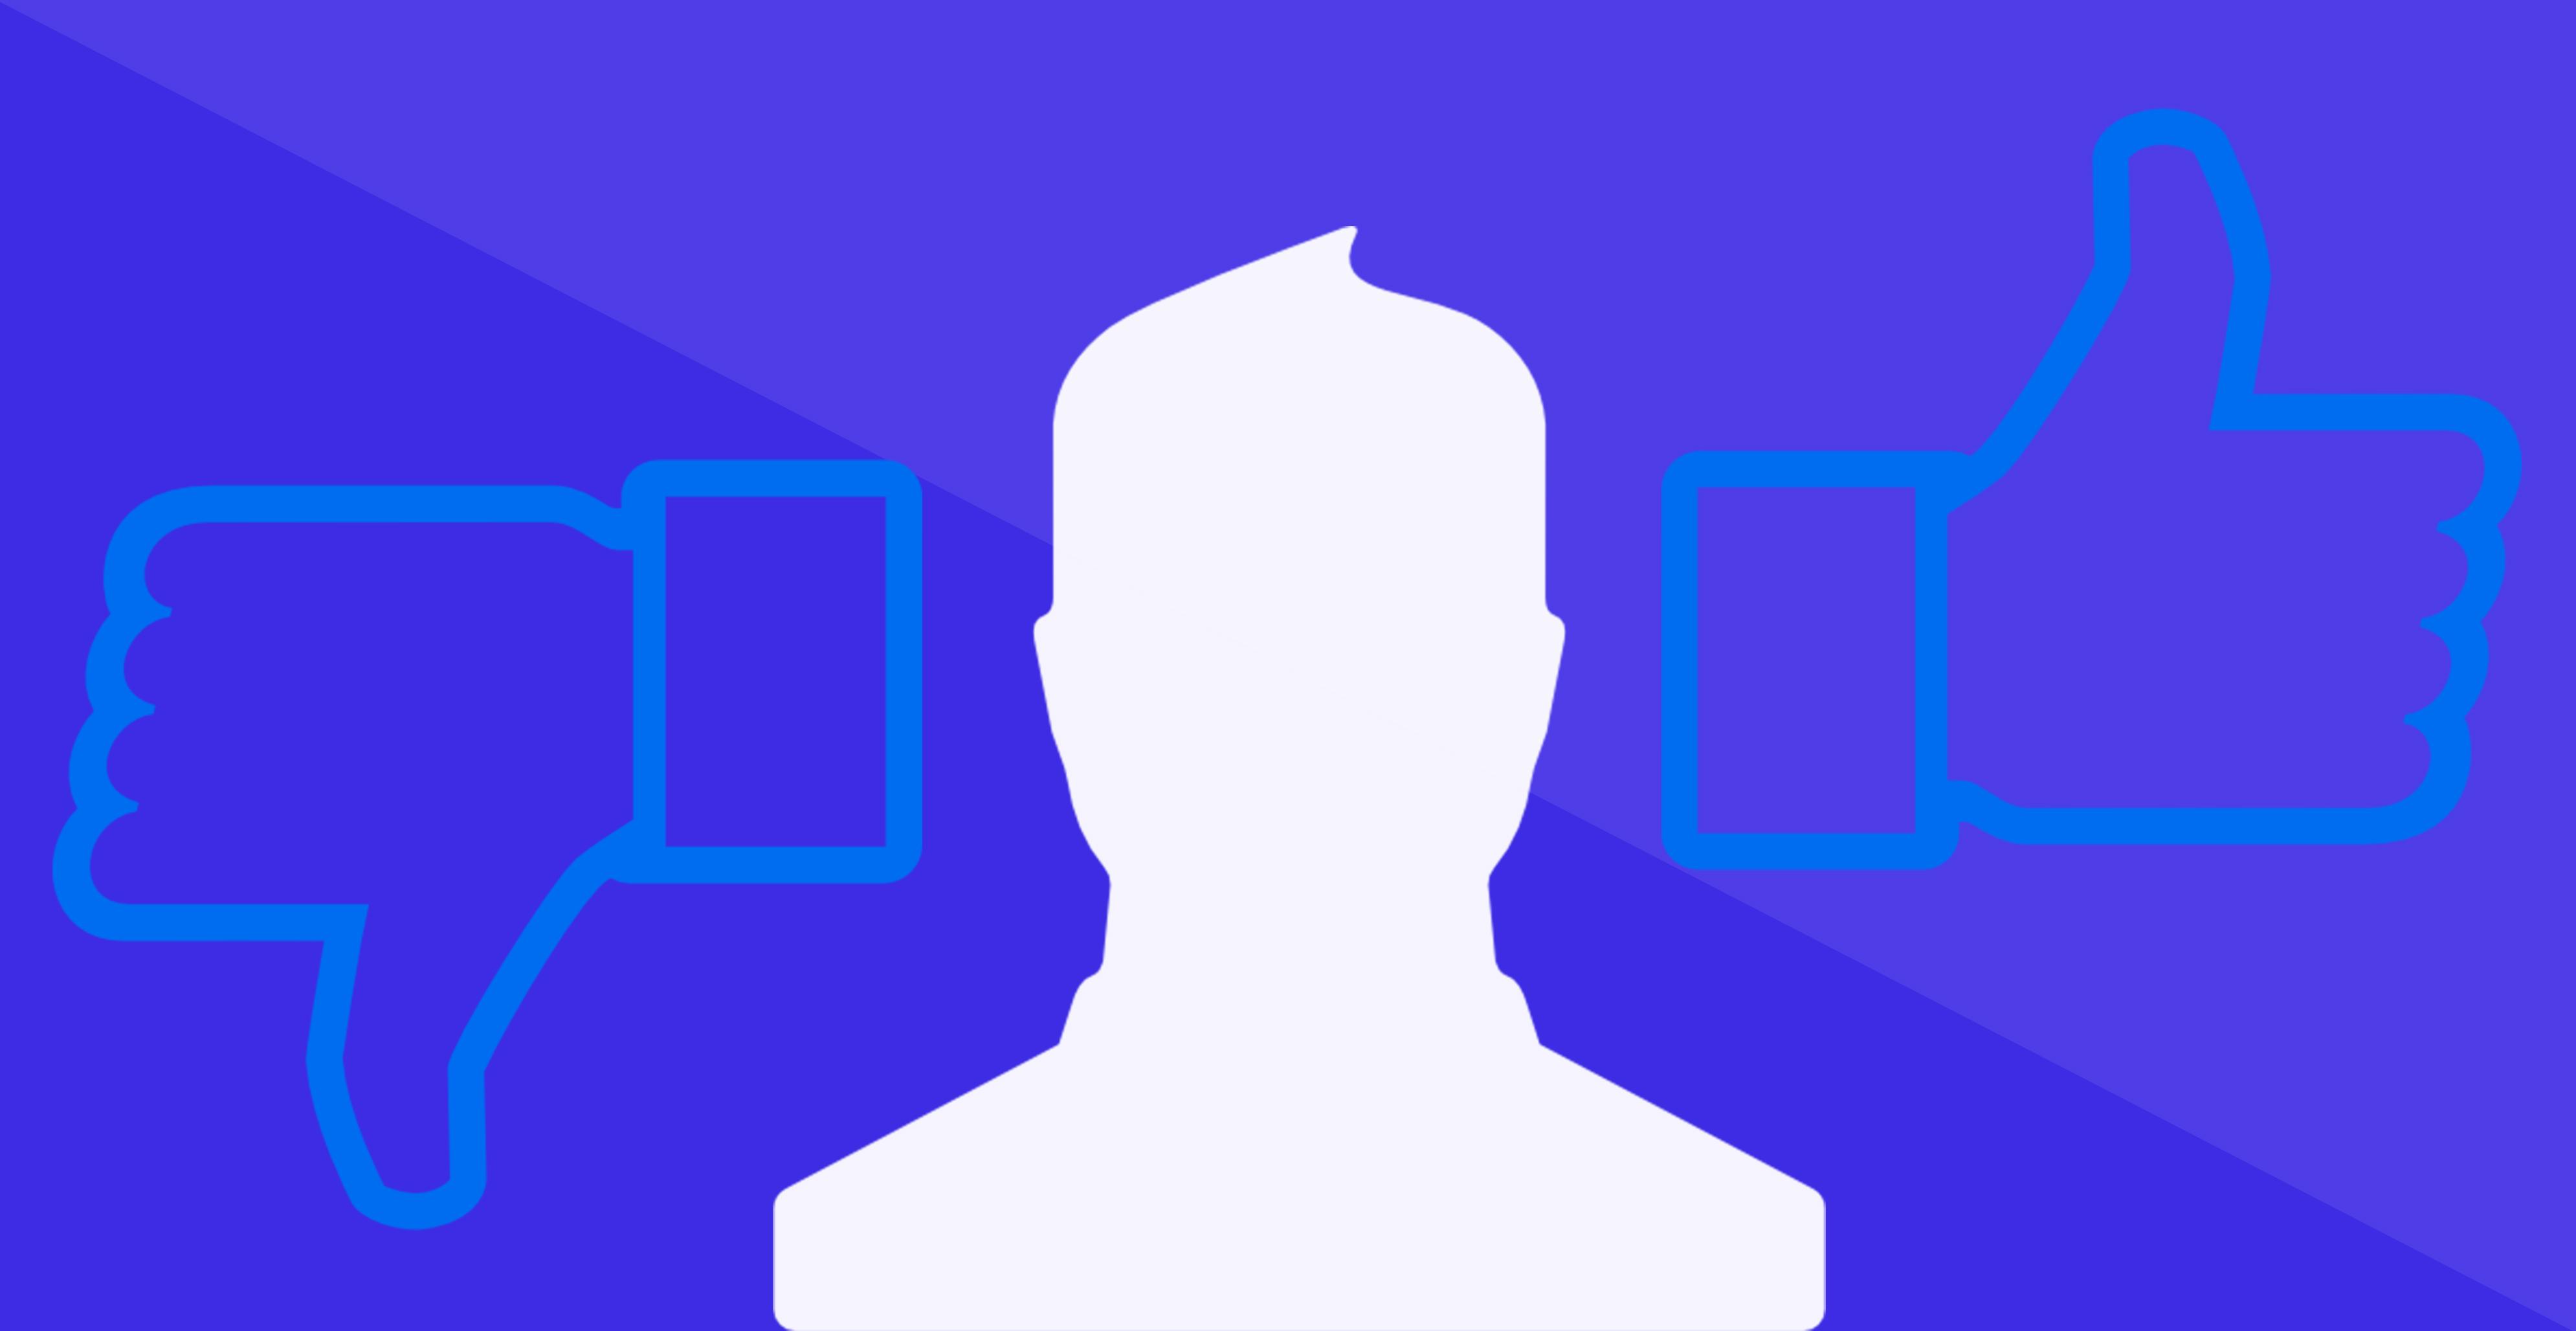 O que significa para os editores a mudança no feed de notícias do Facebook?